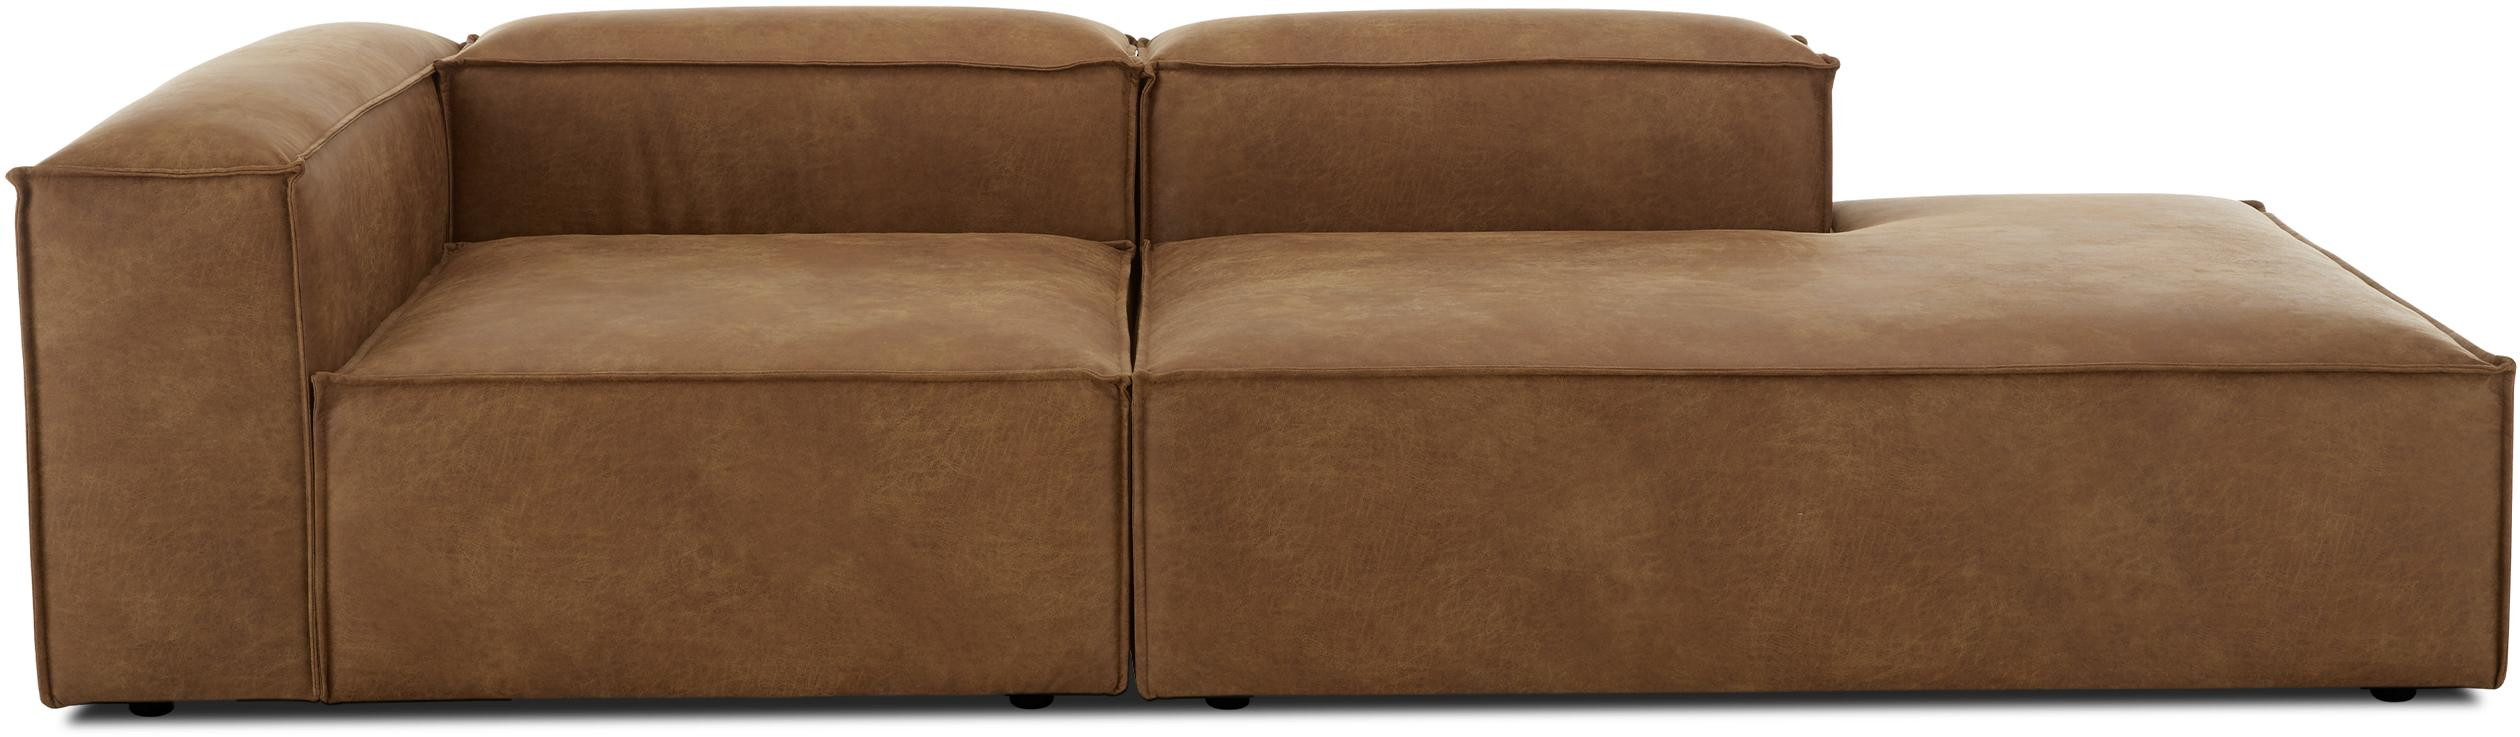 Modulaire leren chaise longue Lennon, Bekleding: 70% leer, 30% polyester, Frame: massief grenenhout, multi, Poten: kunststof, Bruin, B 269 x D 119 cm